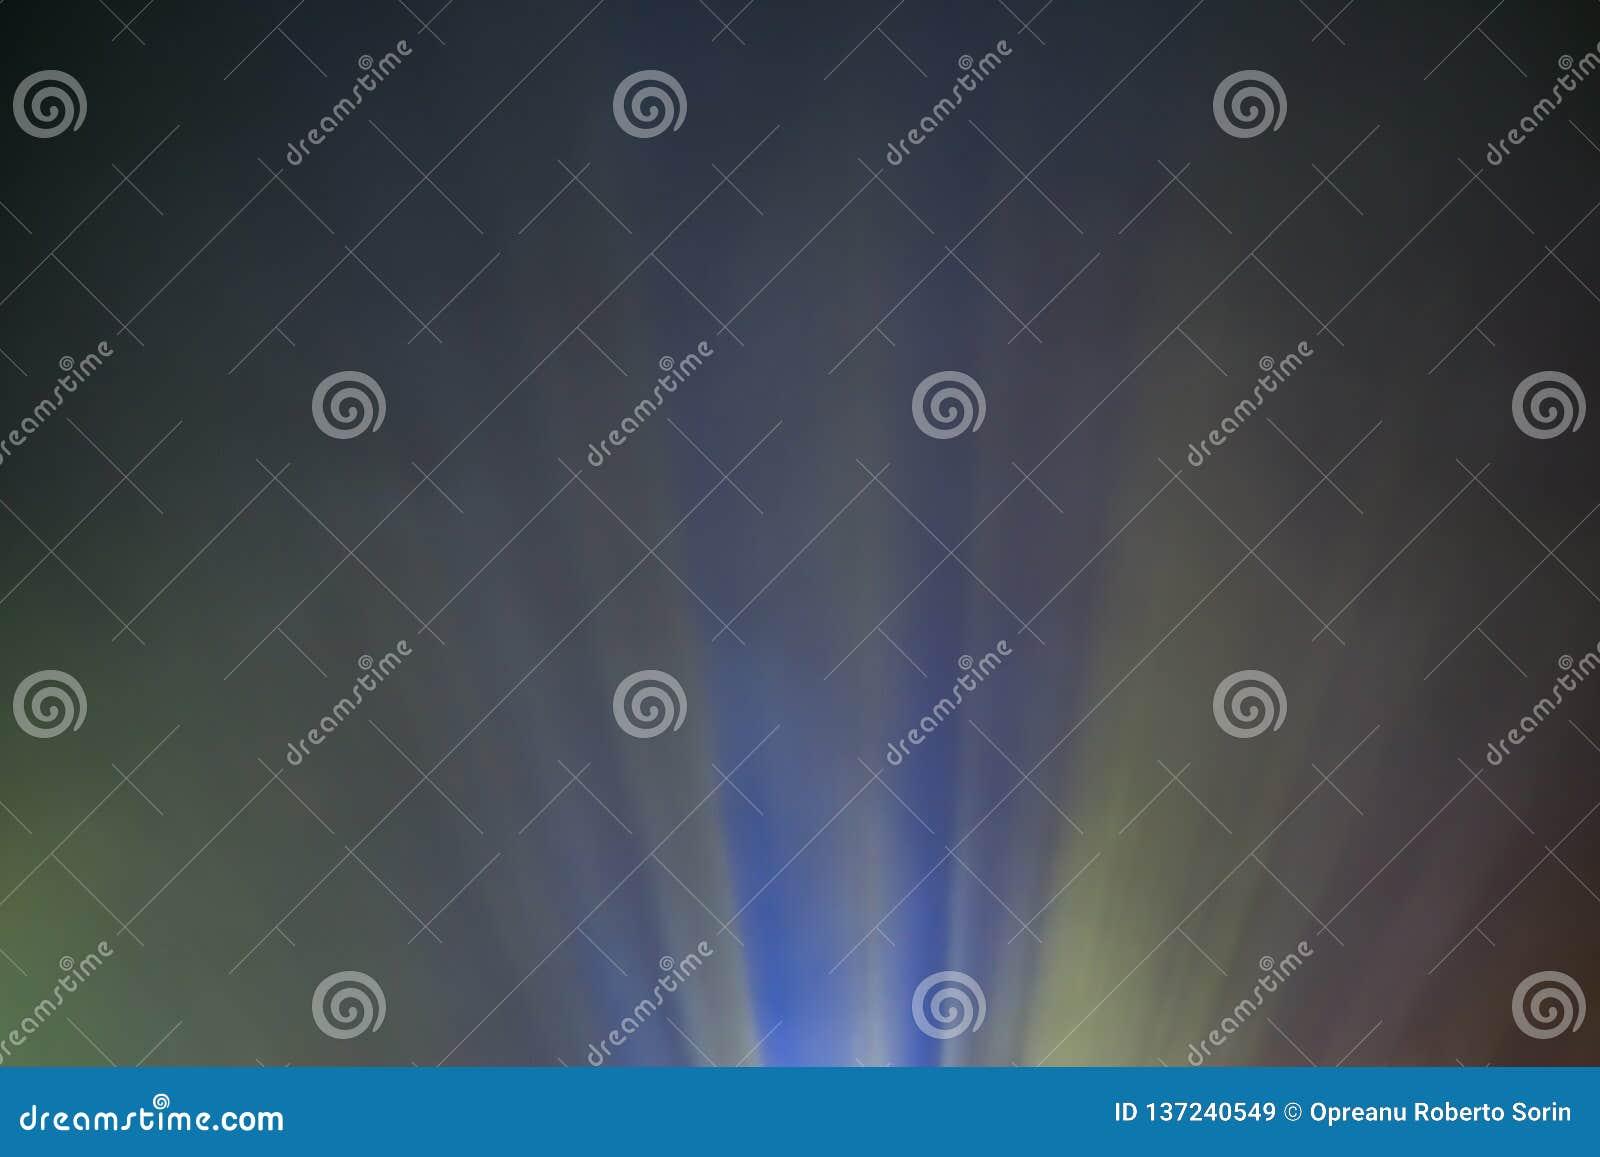 Projektor farbiger Lichtstrahl durch Rauch für Film und Kino nachts